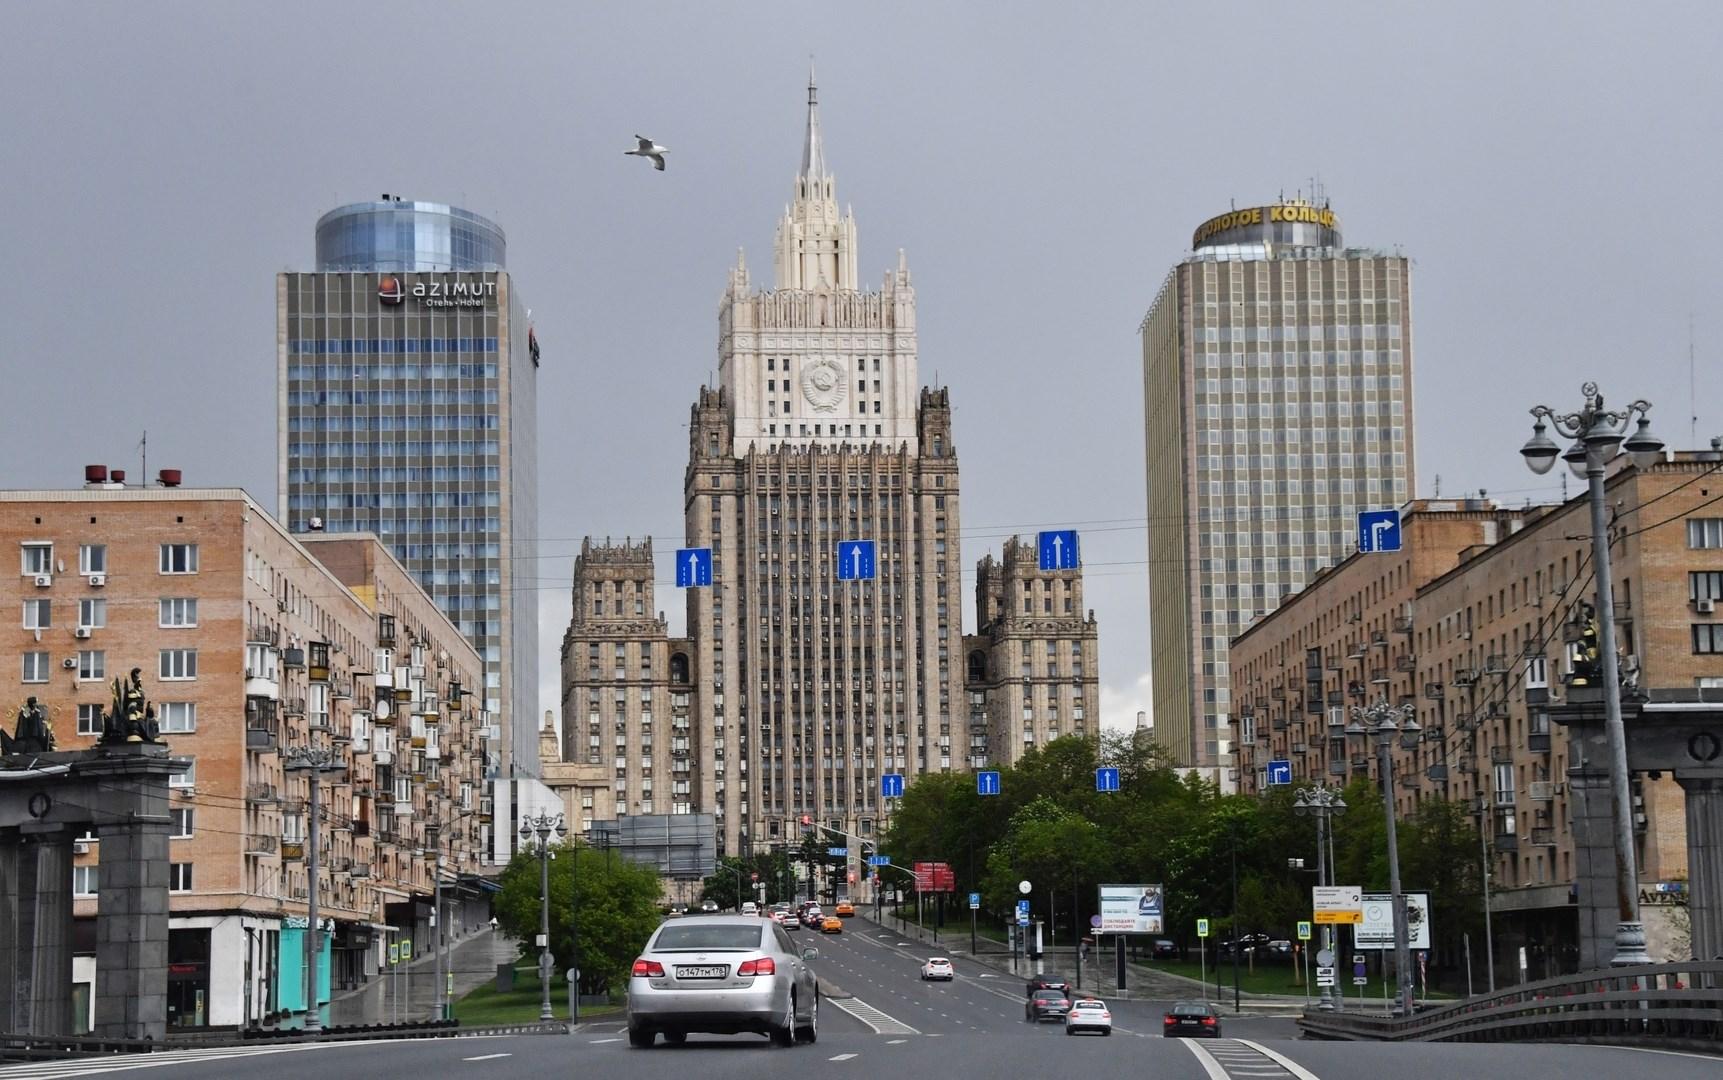 موسكو: تصريحات جوزيب بوريل بعد وصوله إلى بروكسل تتناقض مع تصريحاته في روسيا